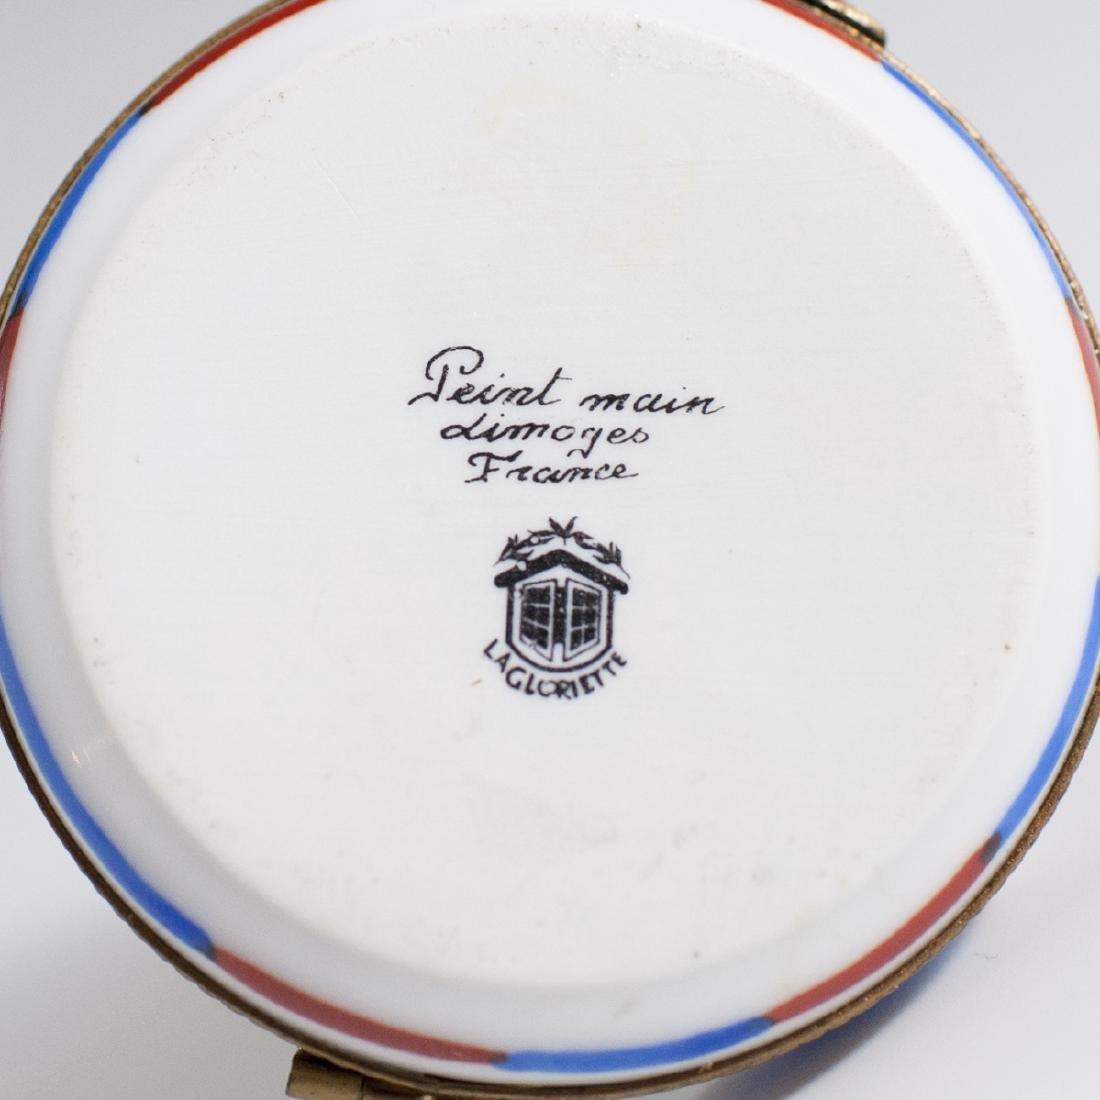 La Gloriette Limoges Porcelain Trinket Box - 3